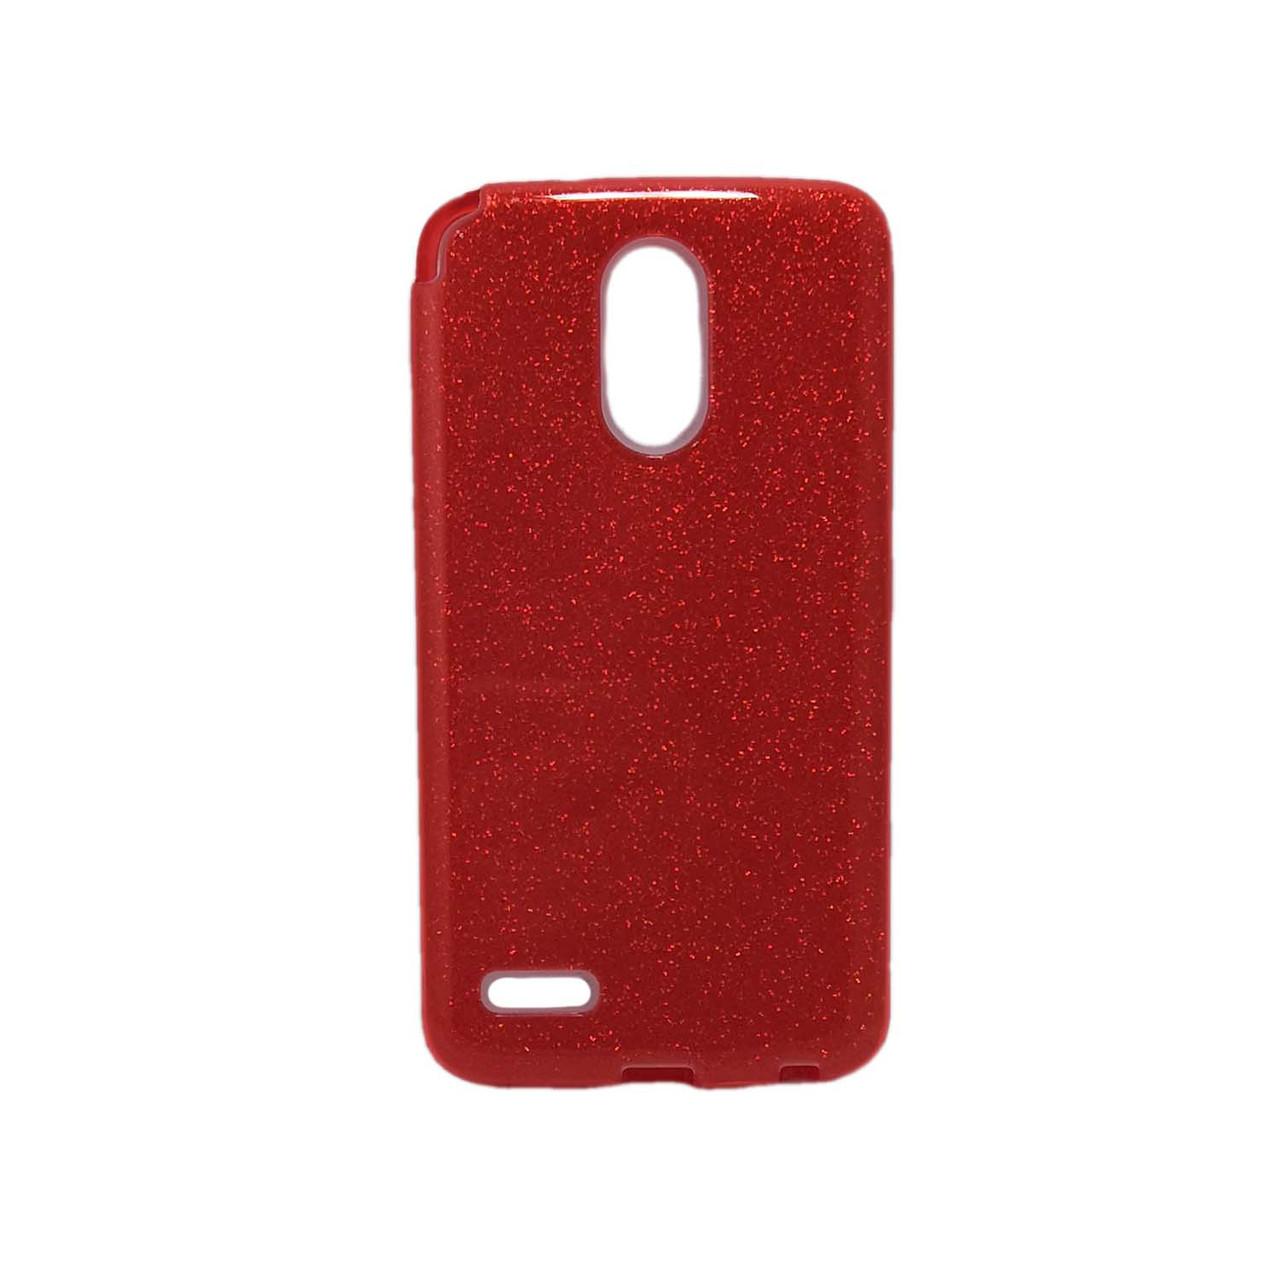 Чохол накладка для LG Stylus 3 M400DY силіконовий 3-в-1, Fashion Case GLITTER, Червоний